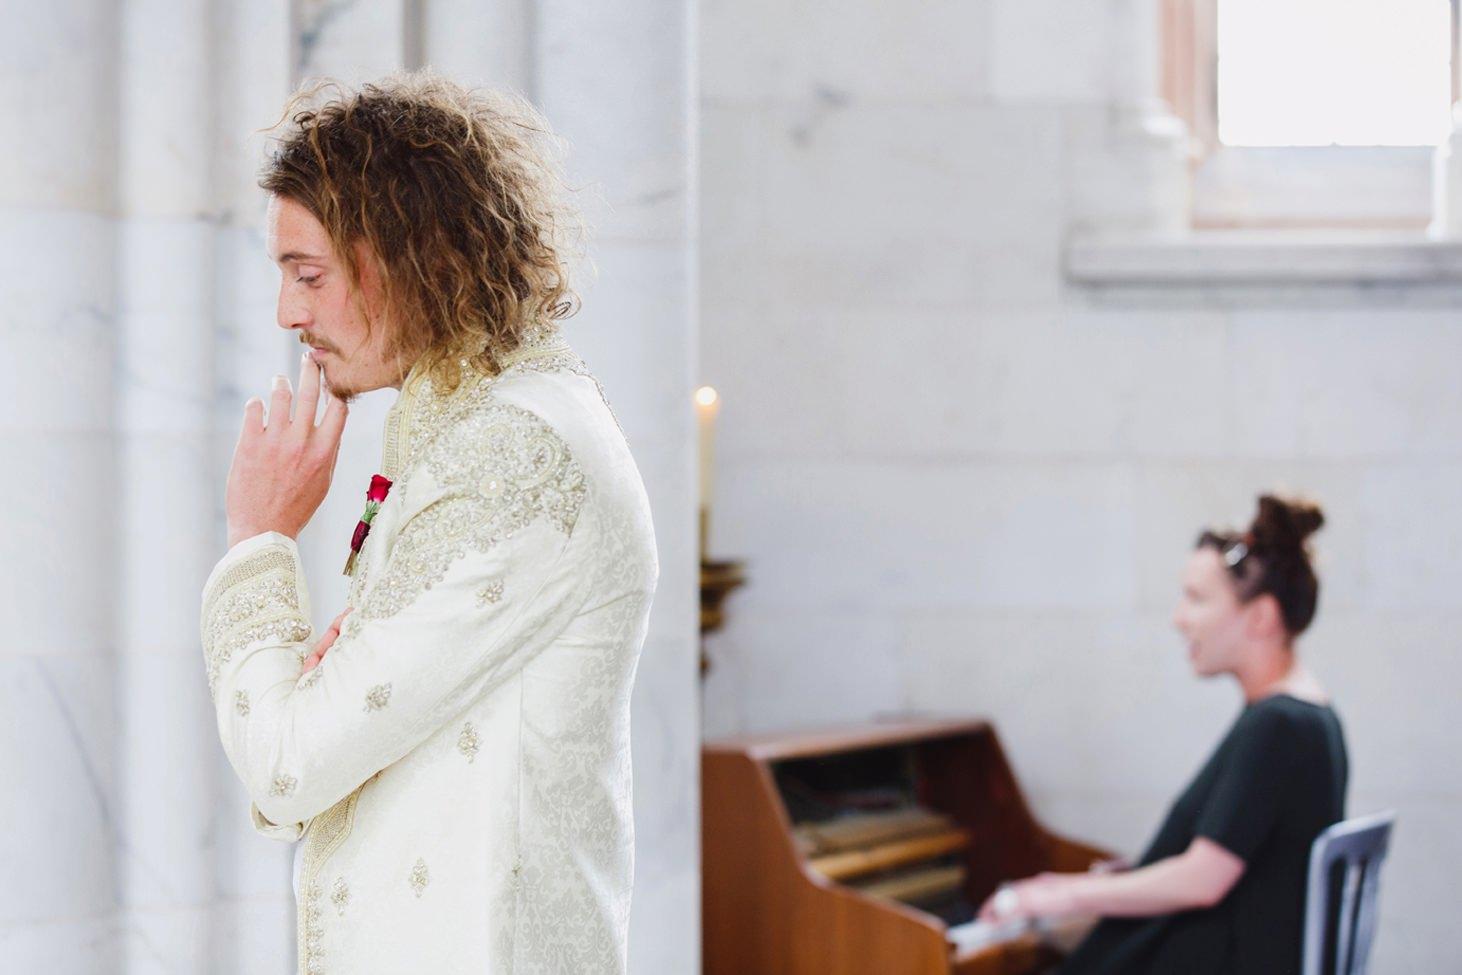 mount stuart wedding photography waiting groom